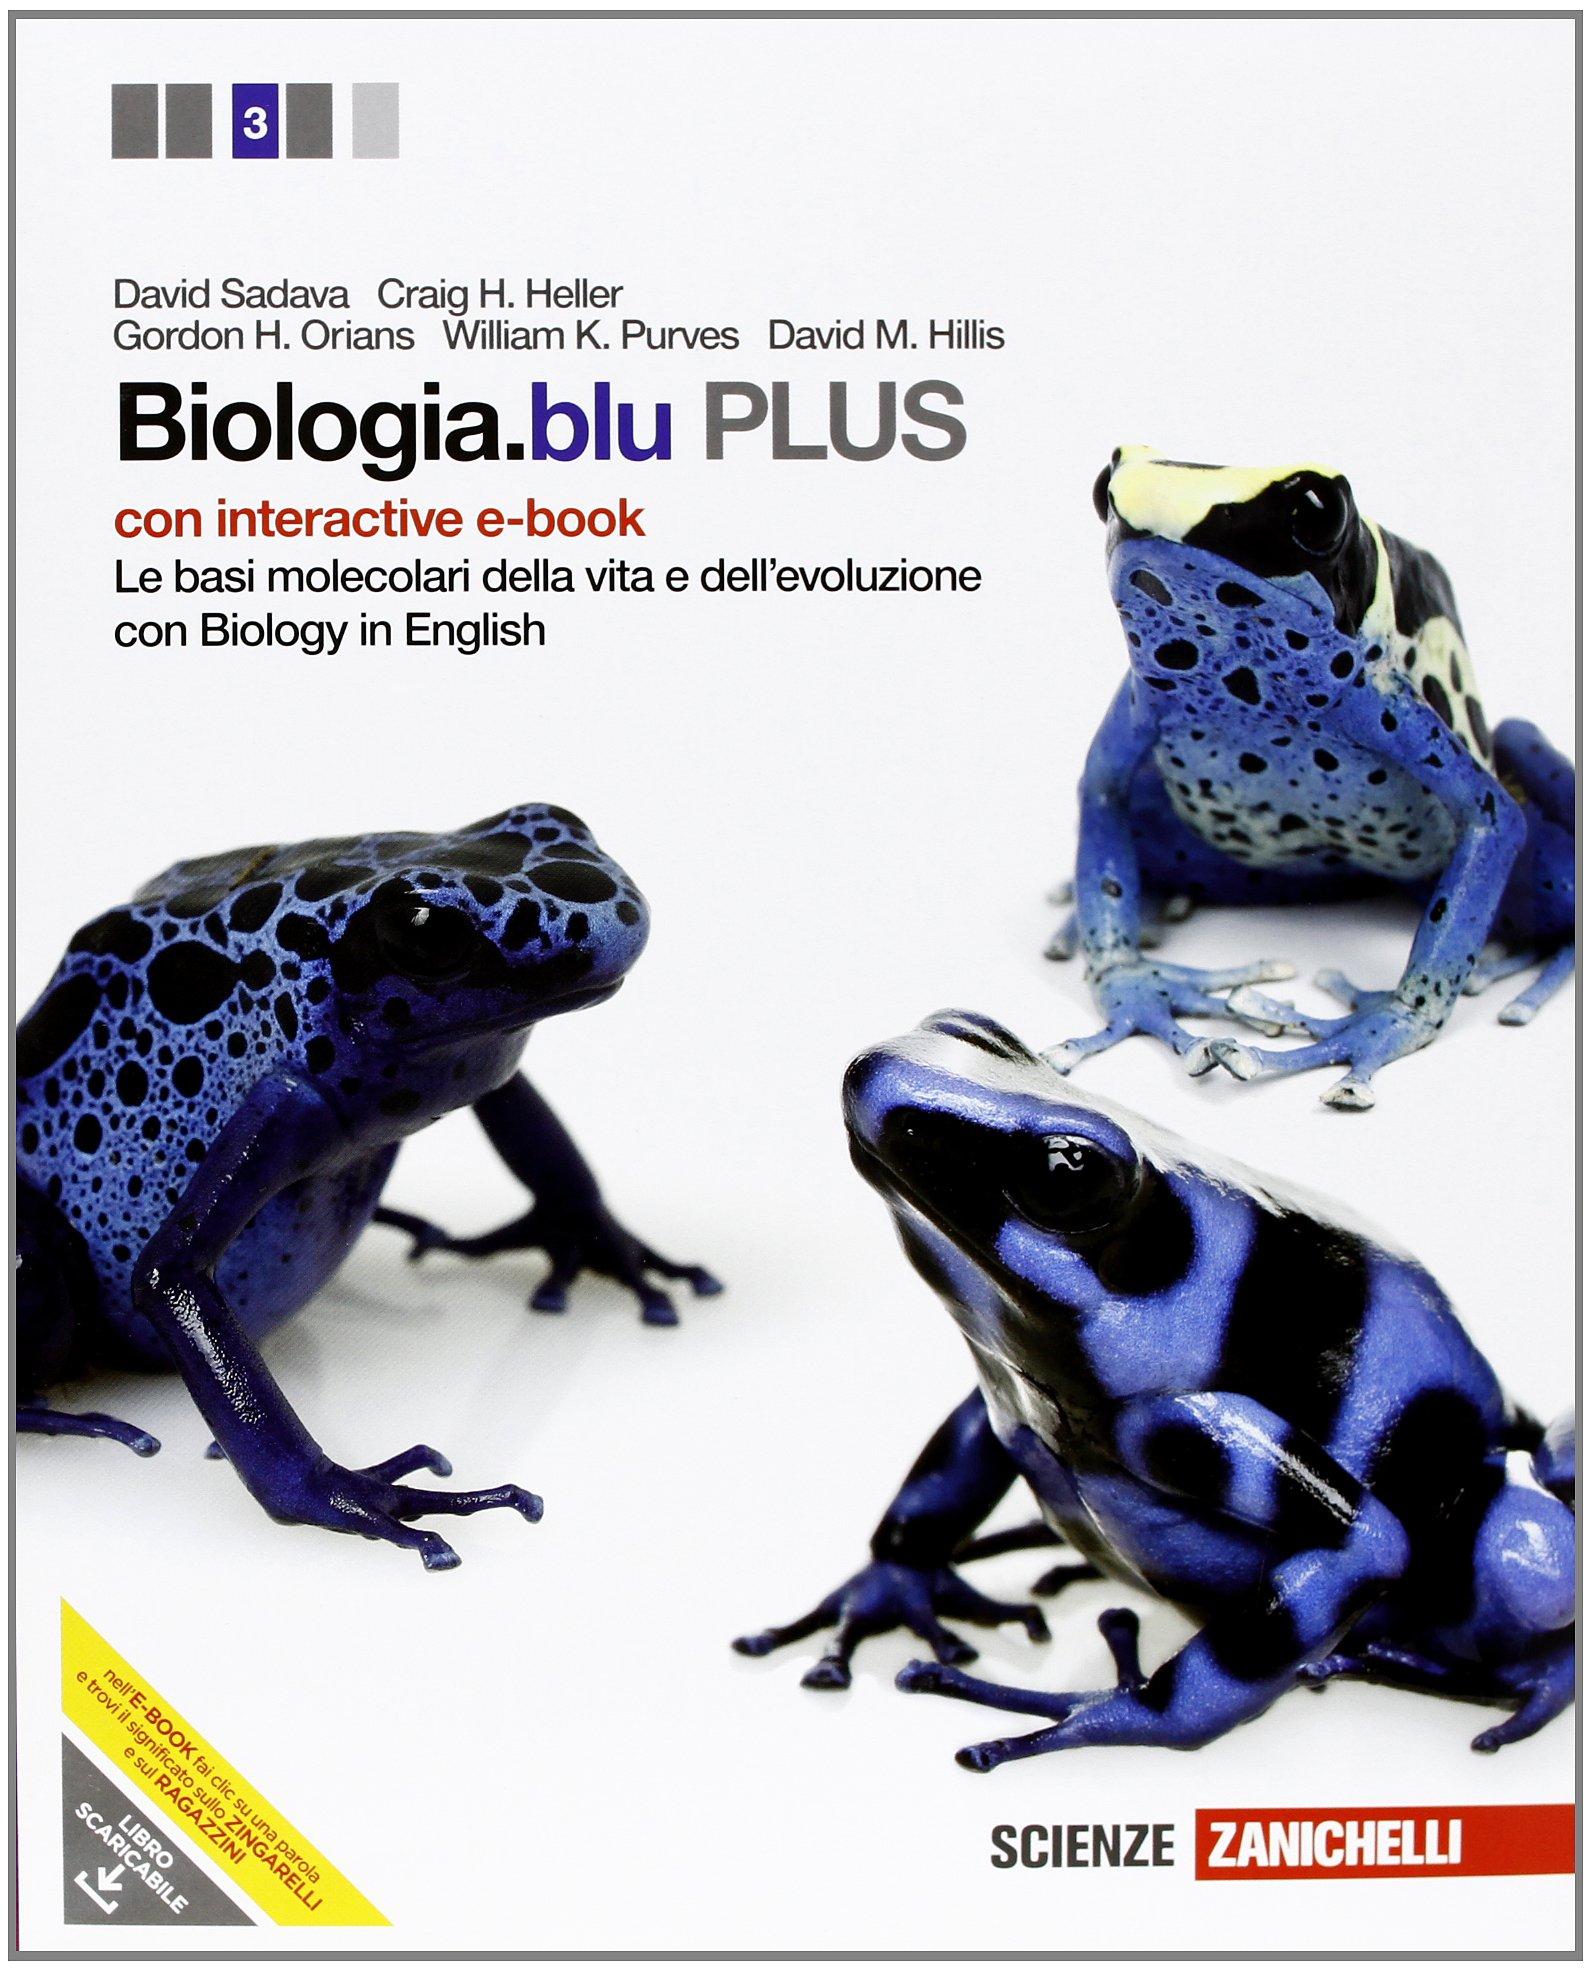 Biologia.blu. Plus. Le basi molecolari della vita e dell'evoluzione. Con interactive e-book. Con espansione online.